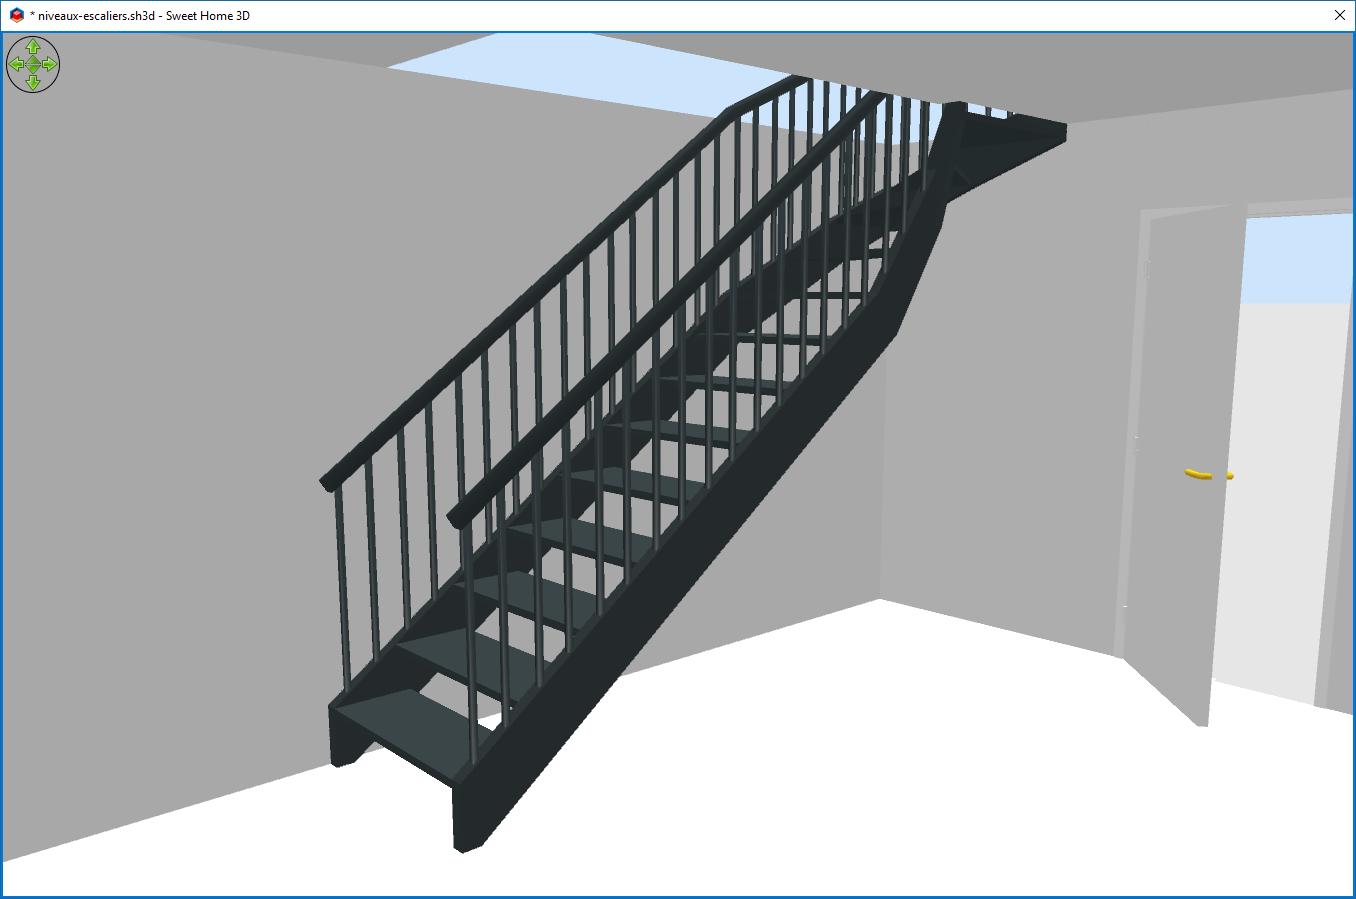 Comment Faire Un Escalier Dans Sweet Home 3d